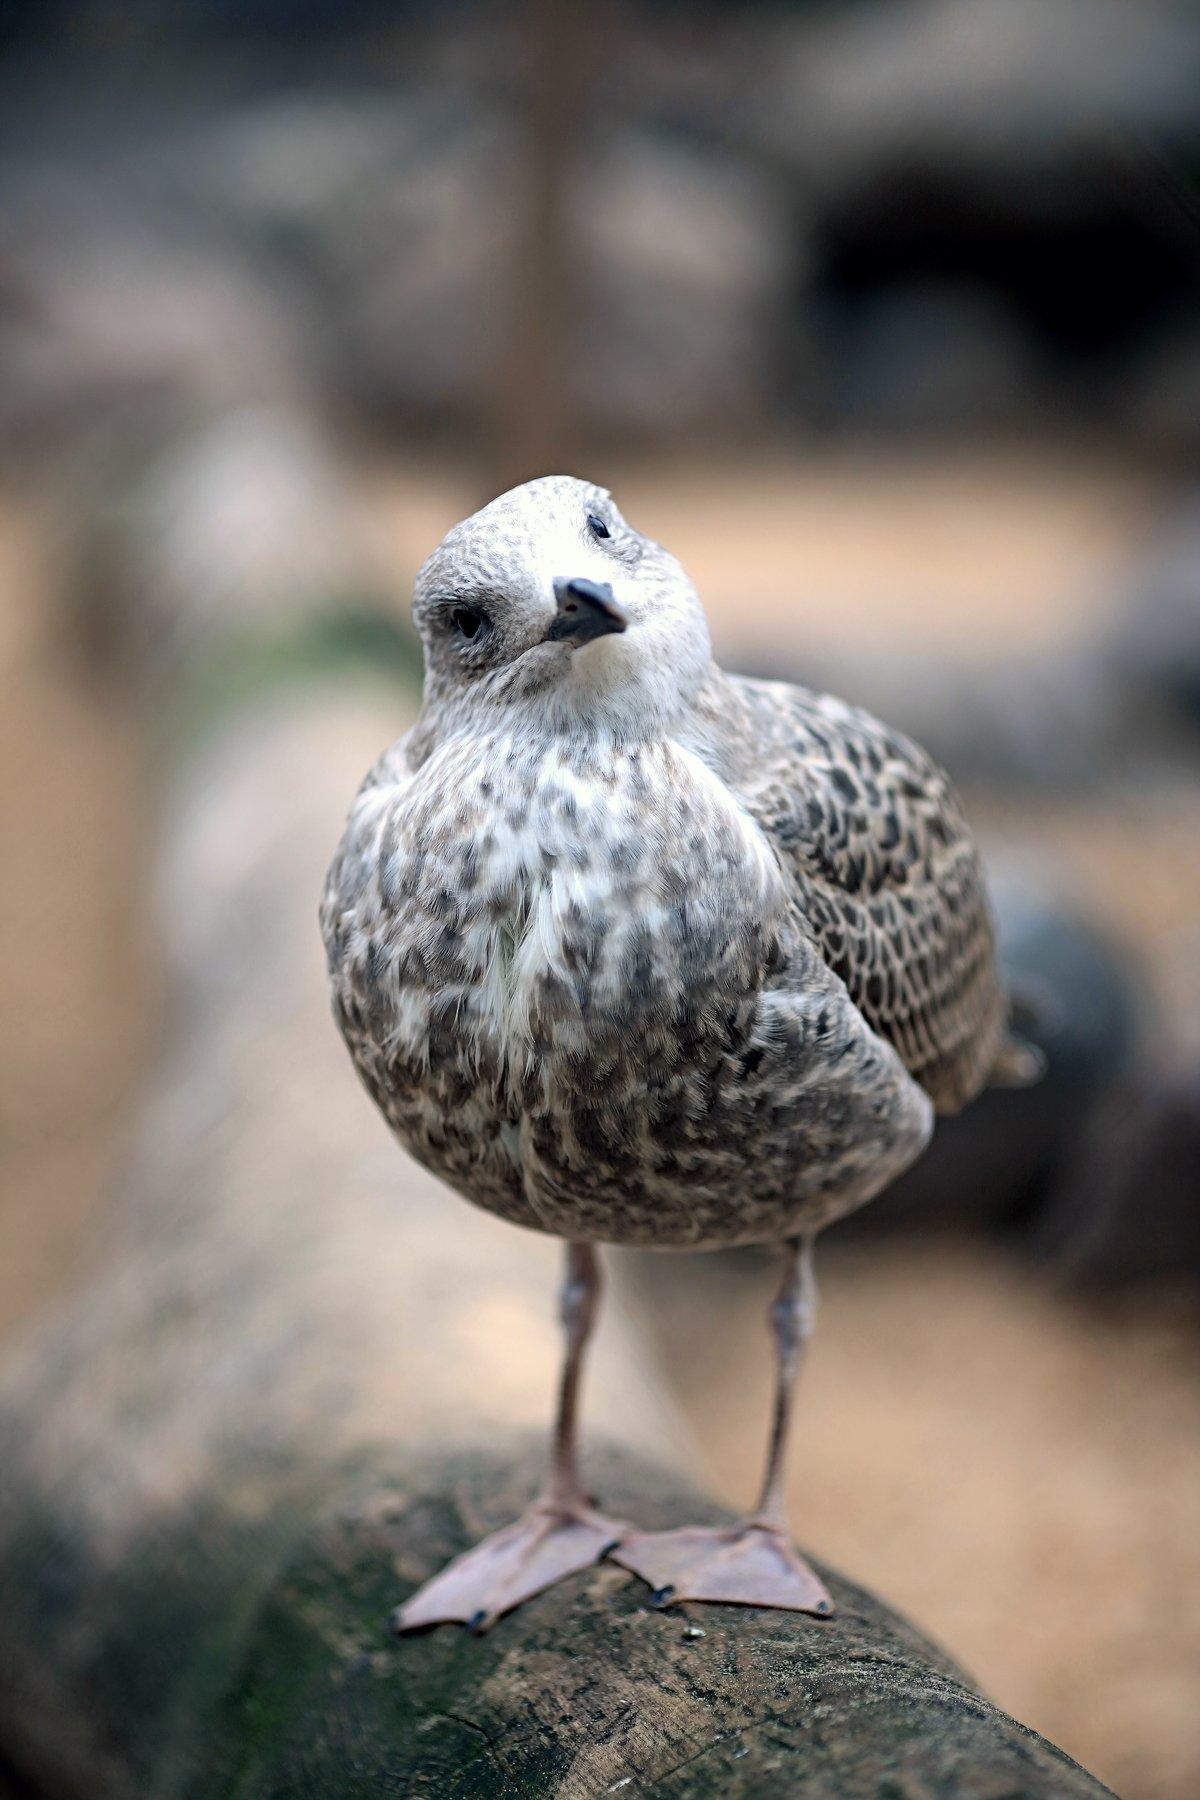 чайка серебристая птица pomoleyko помолейко larus argentatus крупная птица семейство чайковые seagull silver, Павел Помолейко